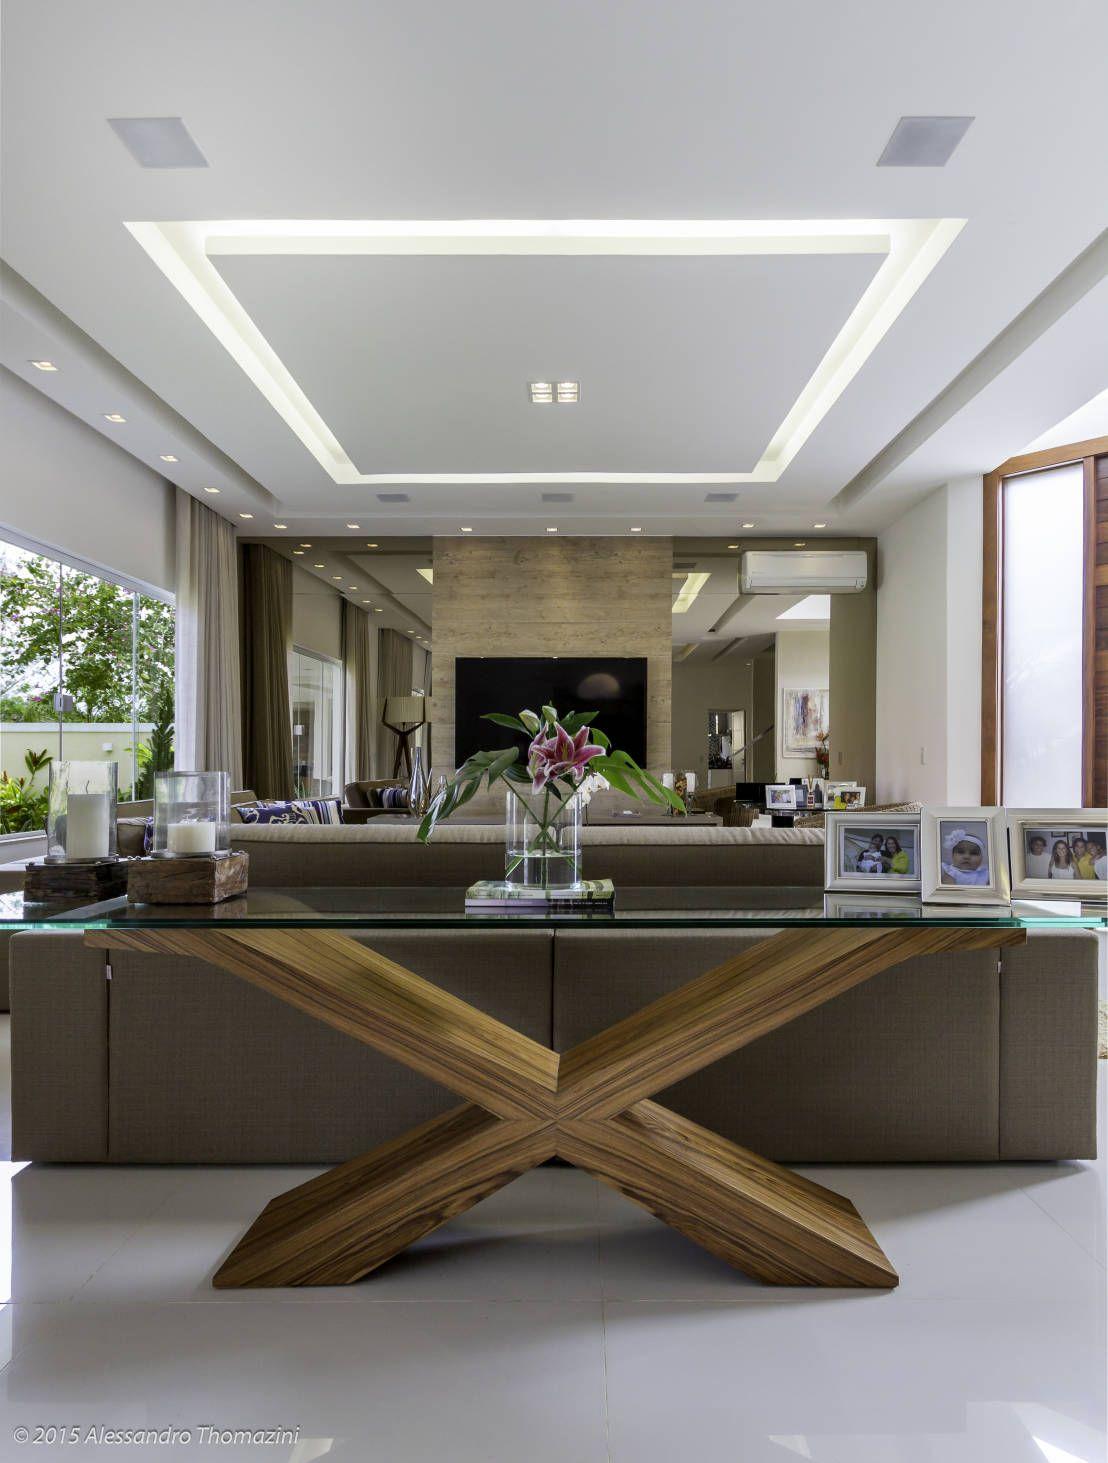 8 ideas geniales para la decoraci n del techo decoracion for Sala design moderno